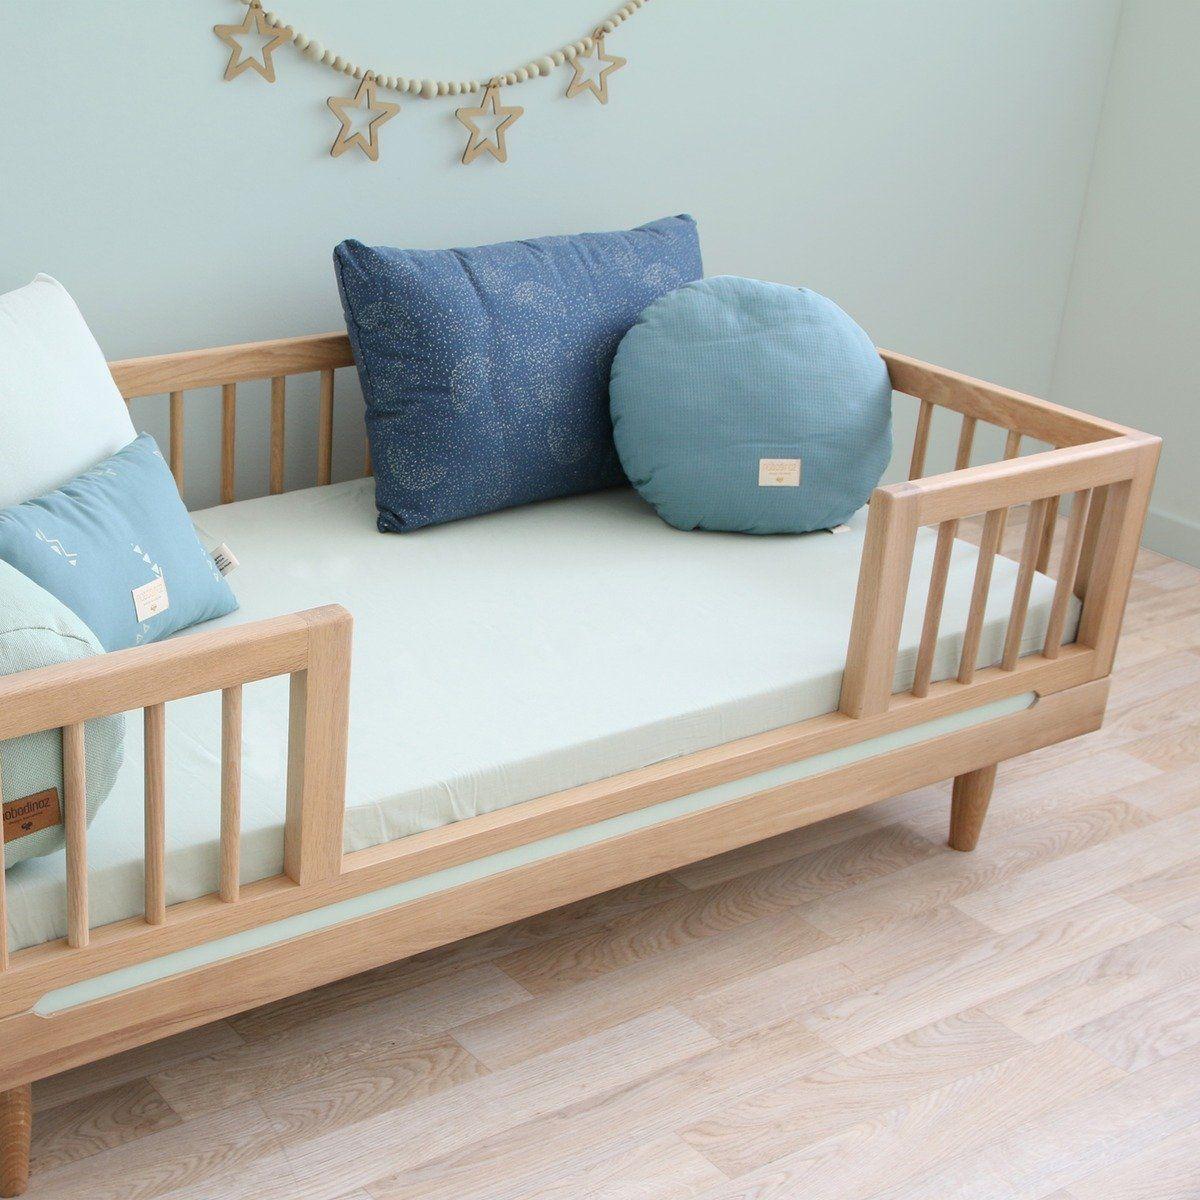 Nobodinoz Erweiterungs Set Mit Bildern Kleinkind Bett Kinderbett Kleinkind Kinderbett Absturzsicherung